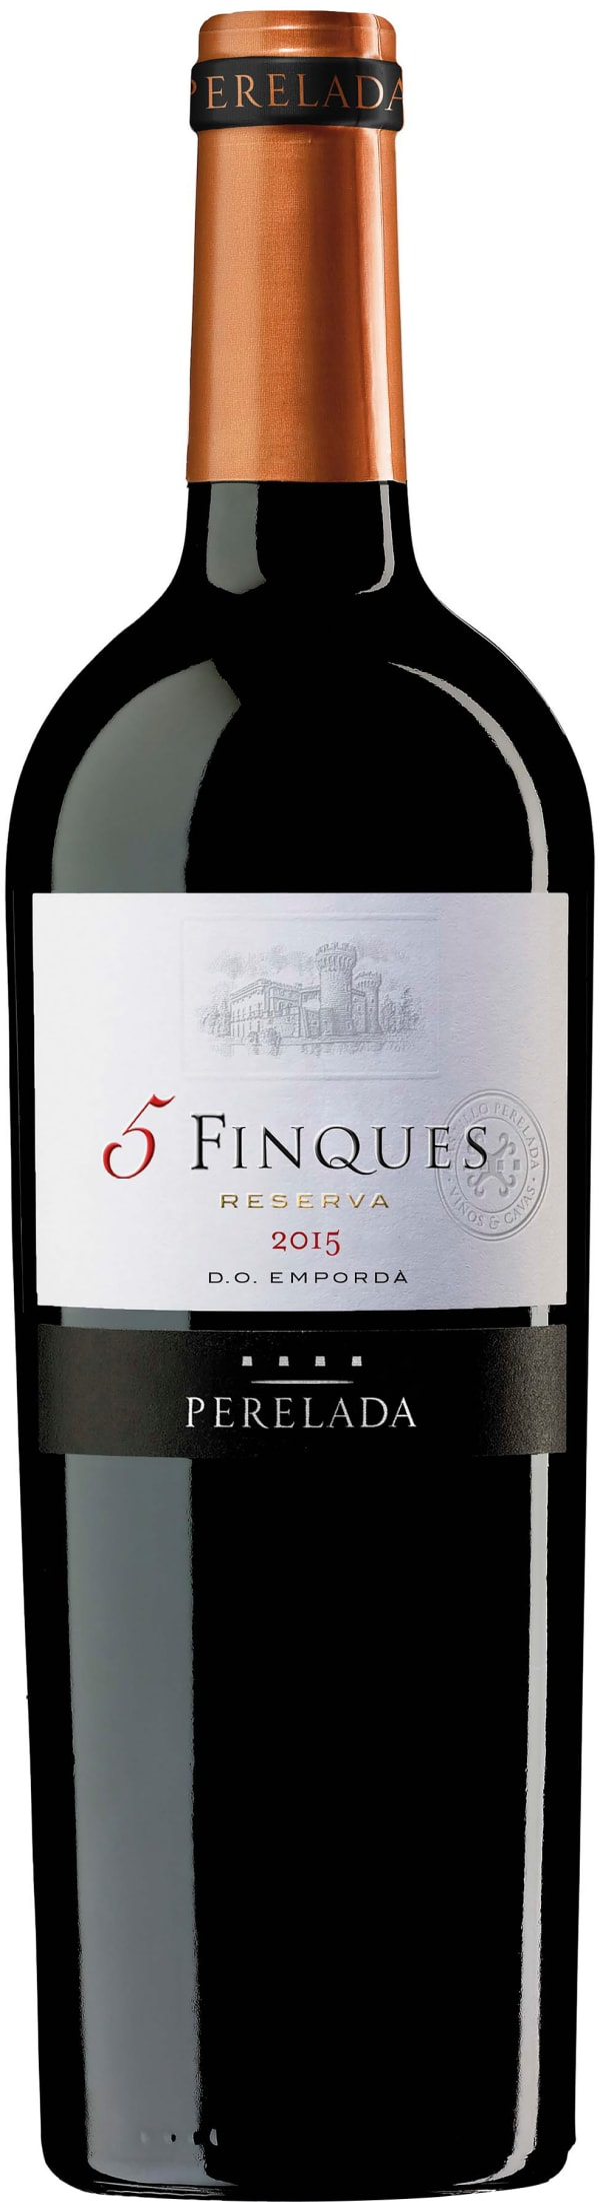 Perelada 5 Finques Reserva 2015